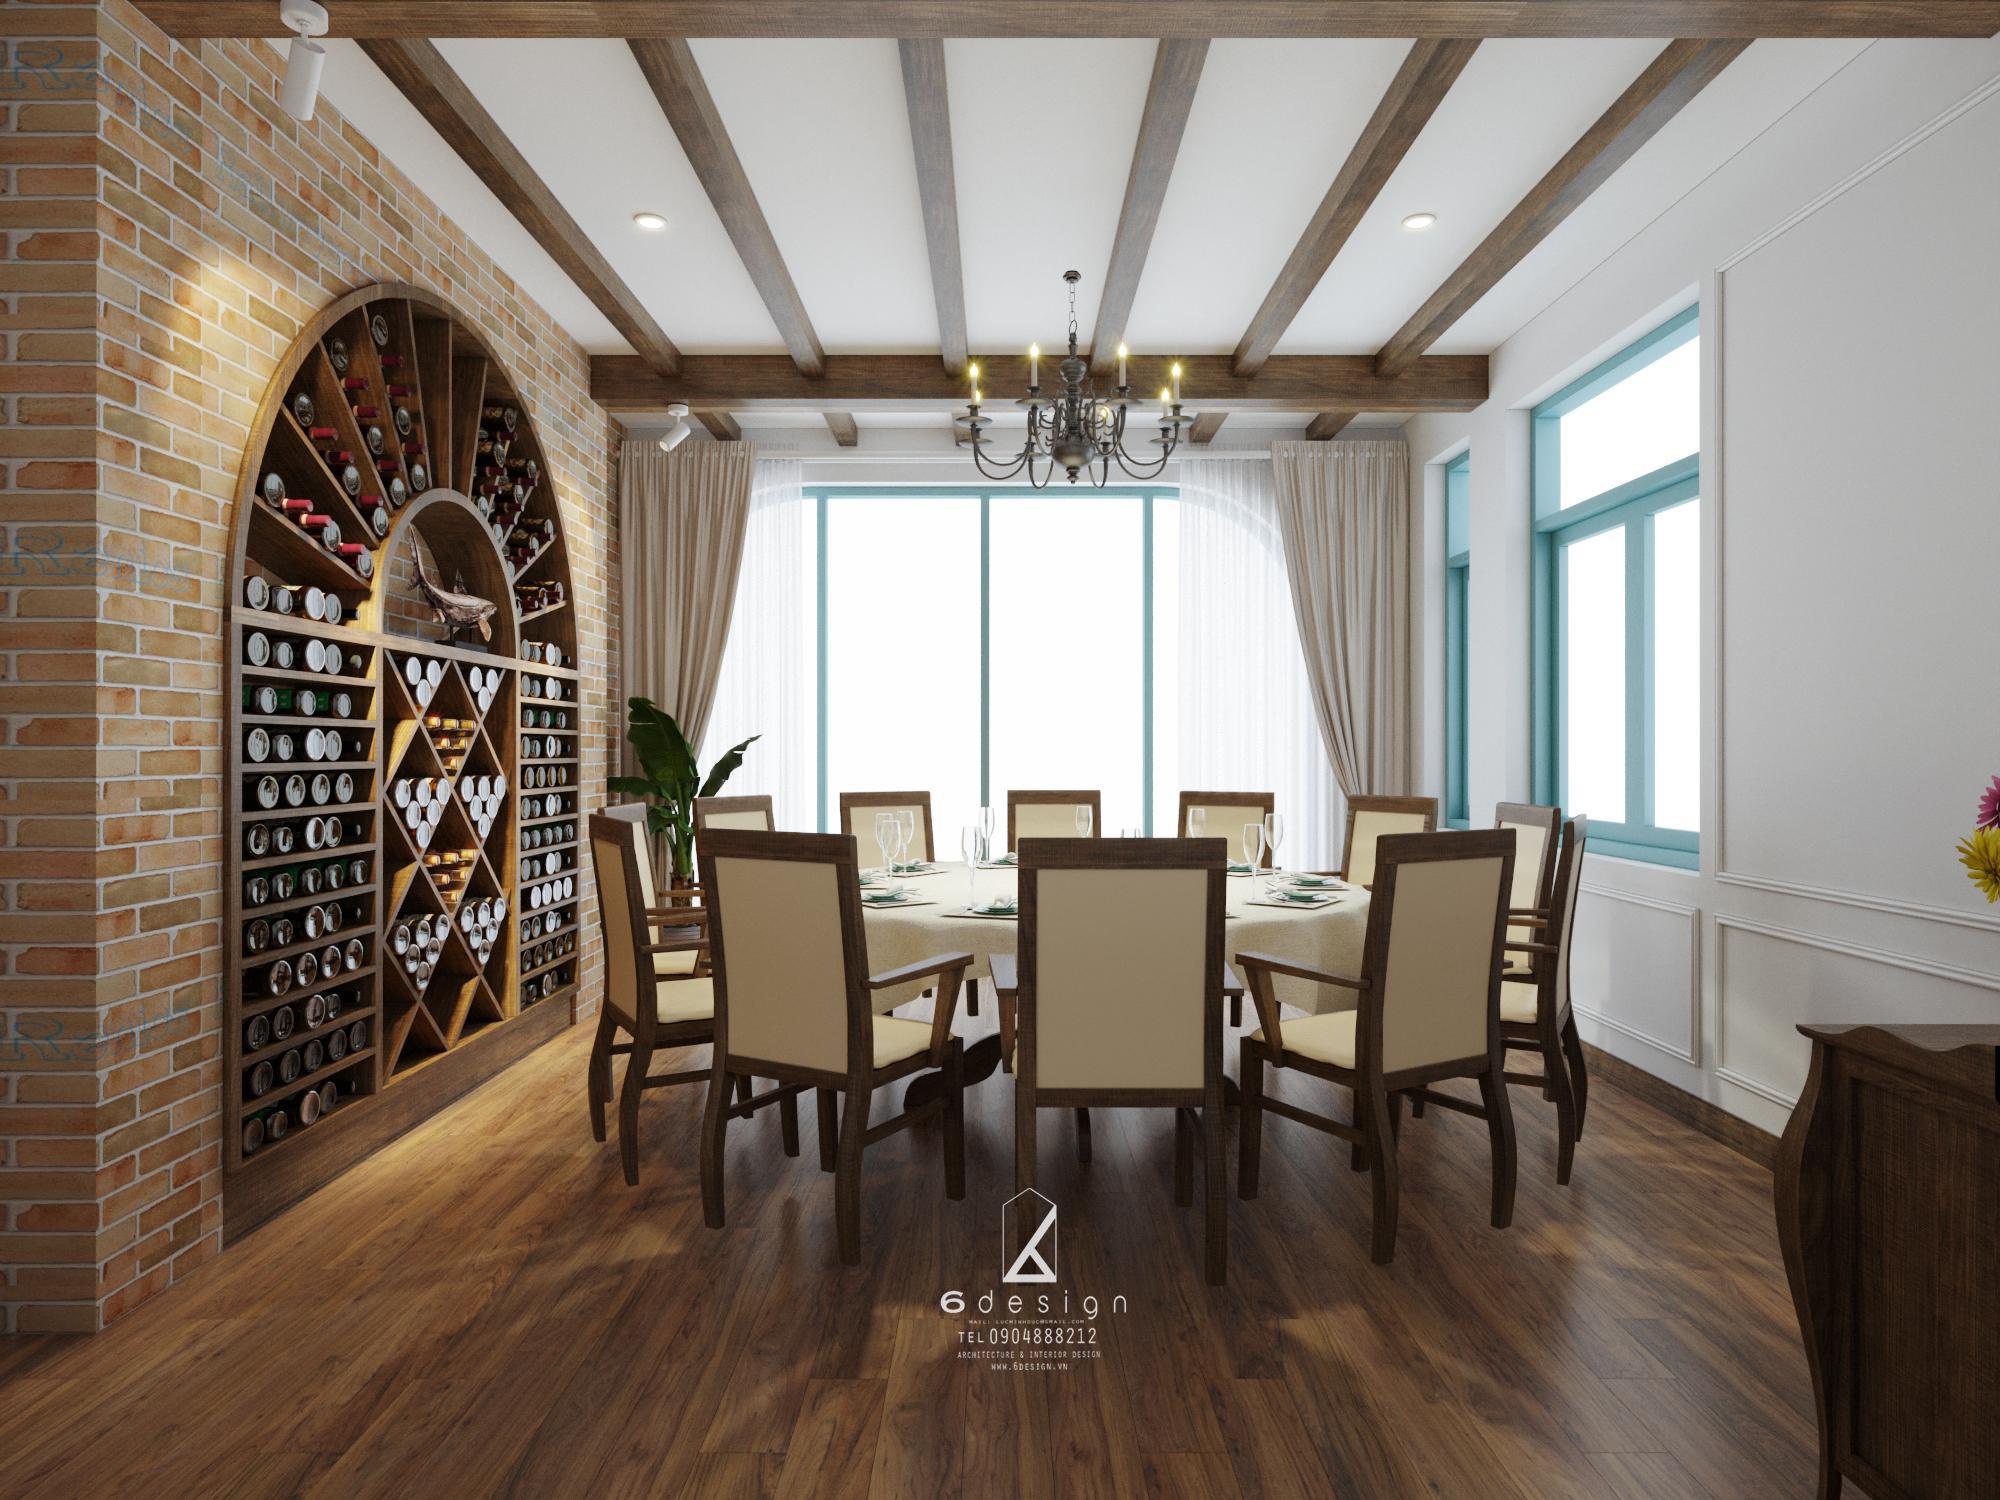 Thiết kế nội thất Nhà Hàng tại Hà Nội NHÀ HÀNG THẾ GIỚI HẢI SẢN 1590724252 7